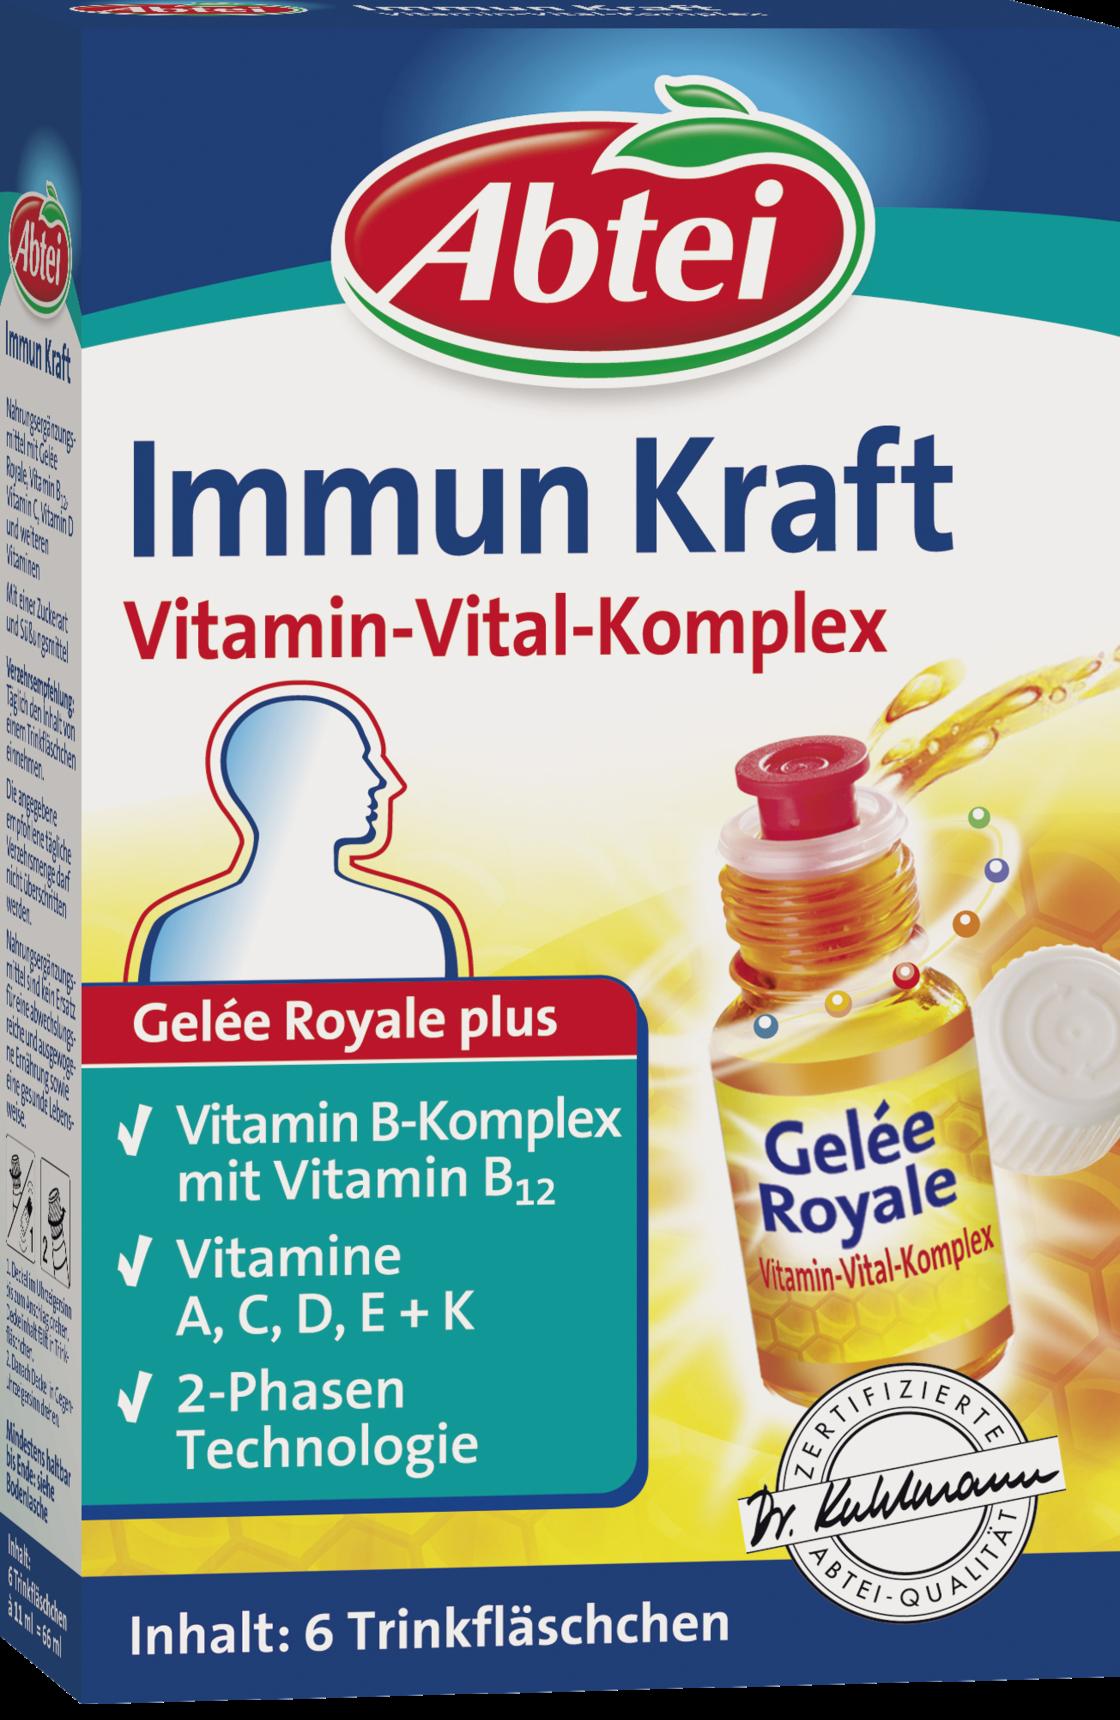 Abtei Immun Kraft Vitamin-Vital-Komplex (6x11ml Ampullen)